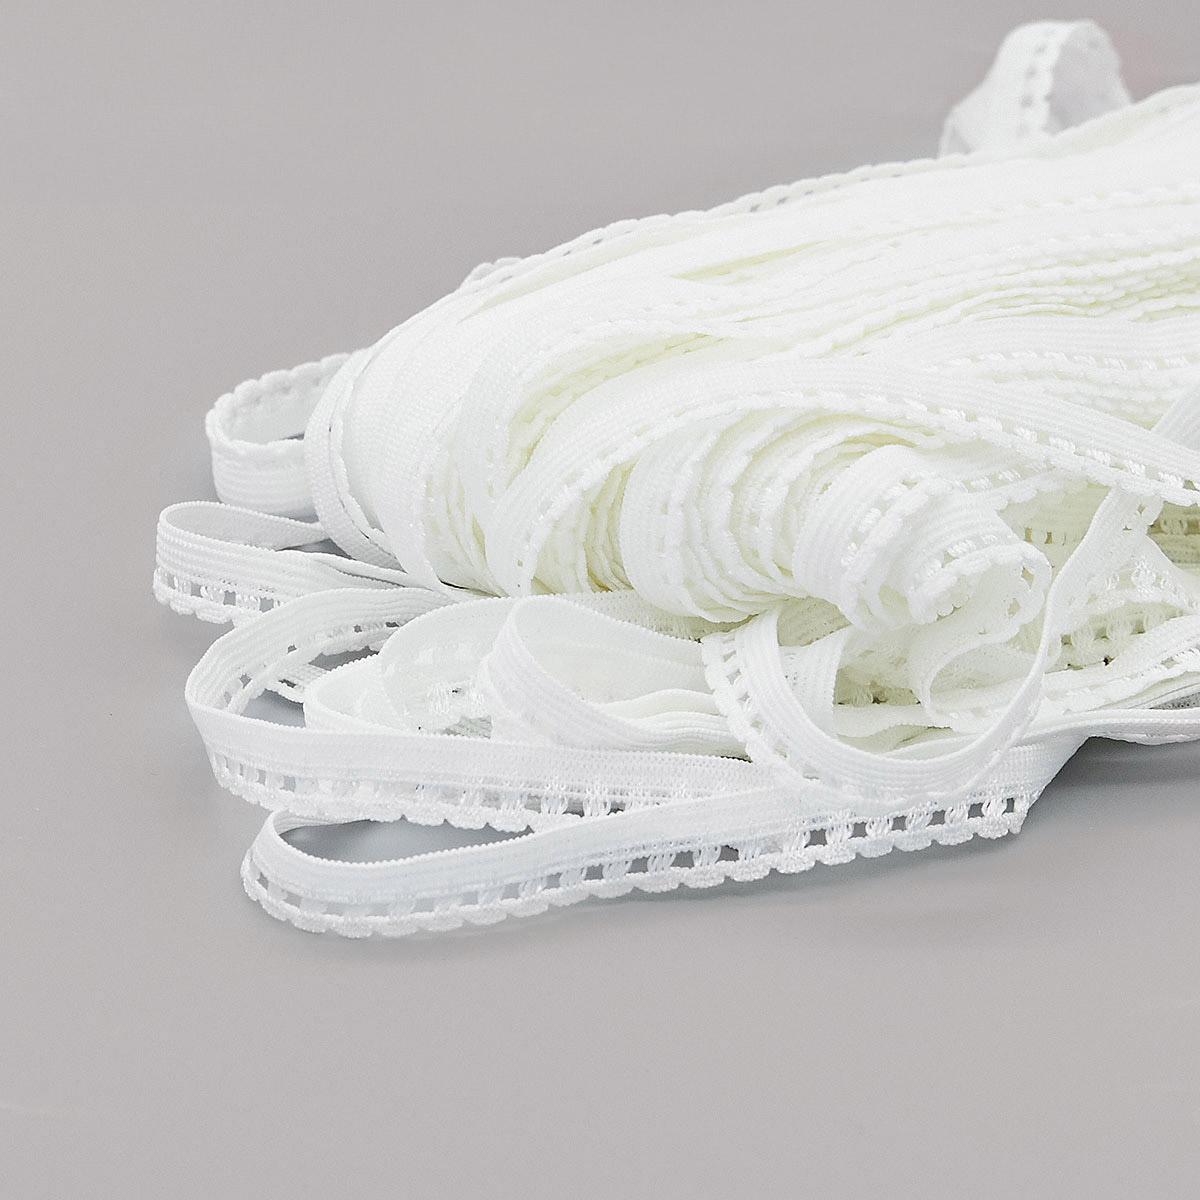 ST/11 эластичная ажурная лента 10мм*50м, белый